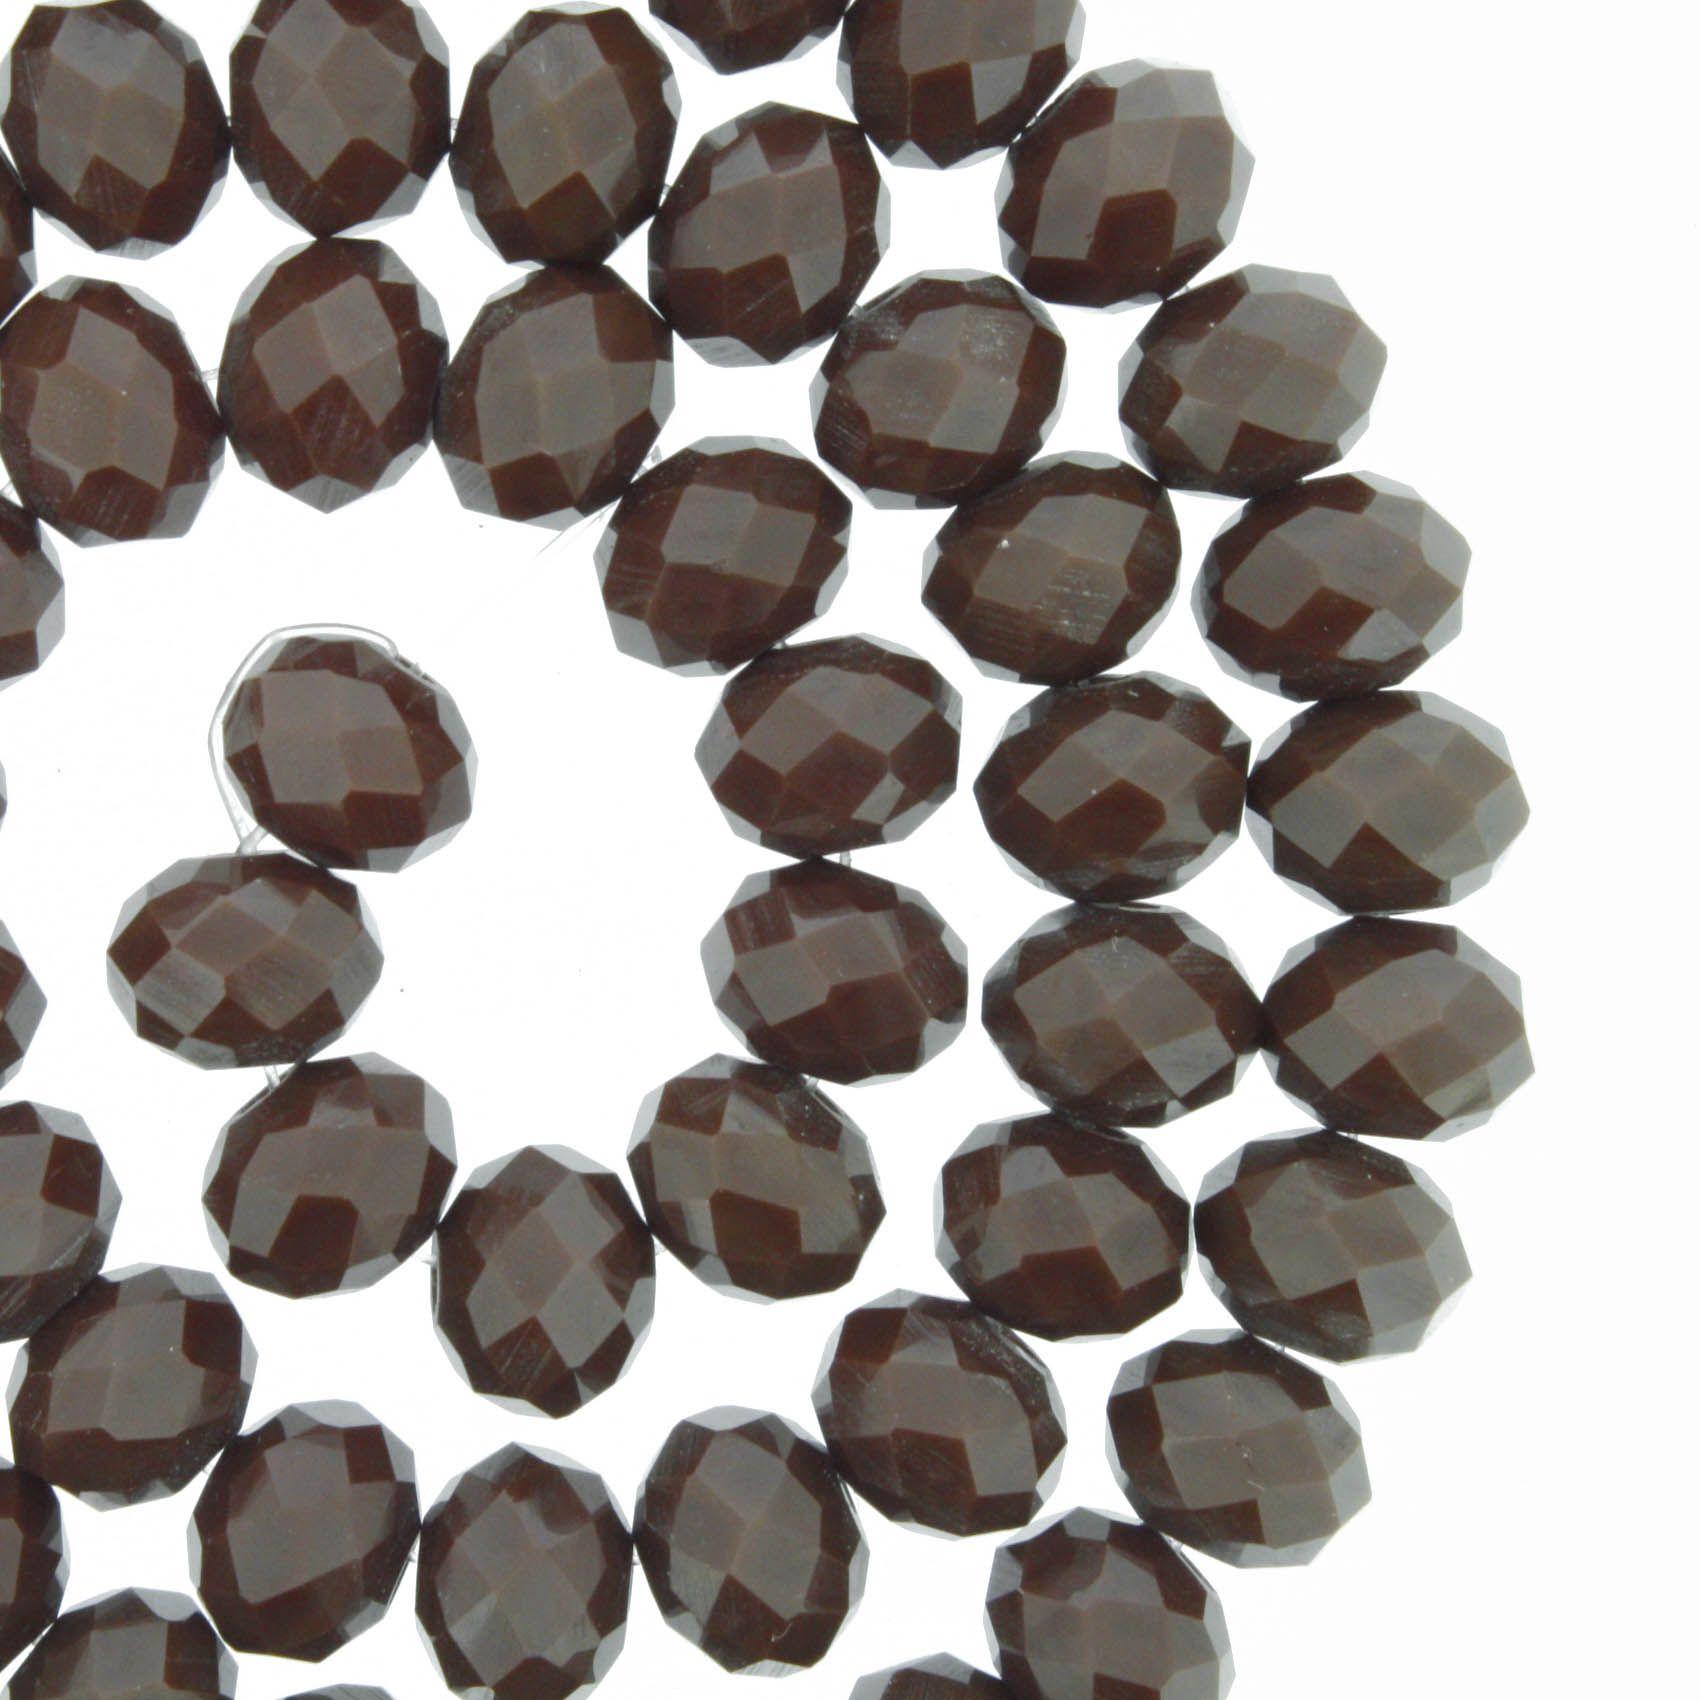 Fio de Cristal - Flat® - Marrom Escuro - 8mm  - Stéphanie Bijoux® - Peças para Bijuterias e Artesanato